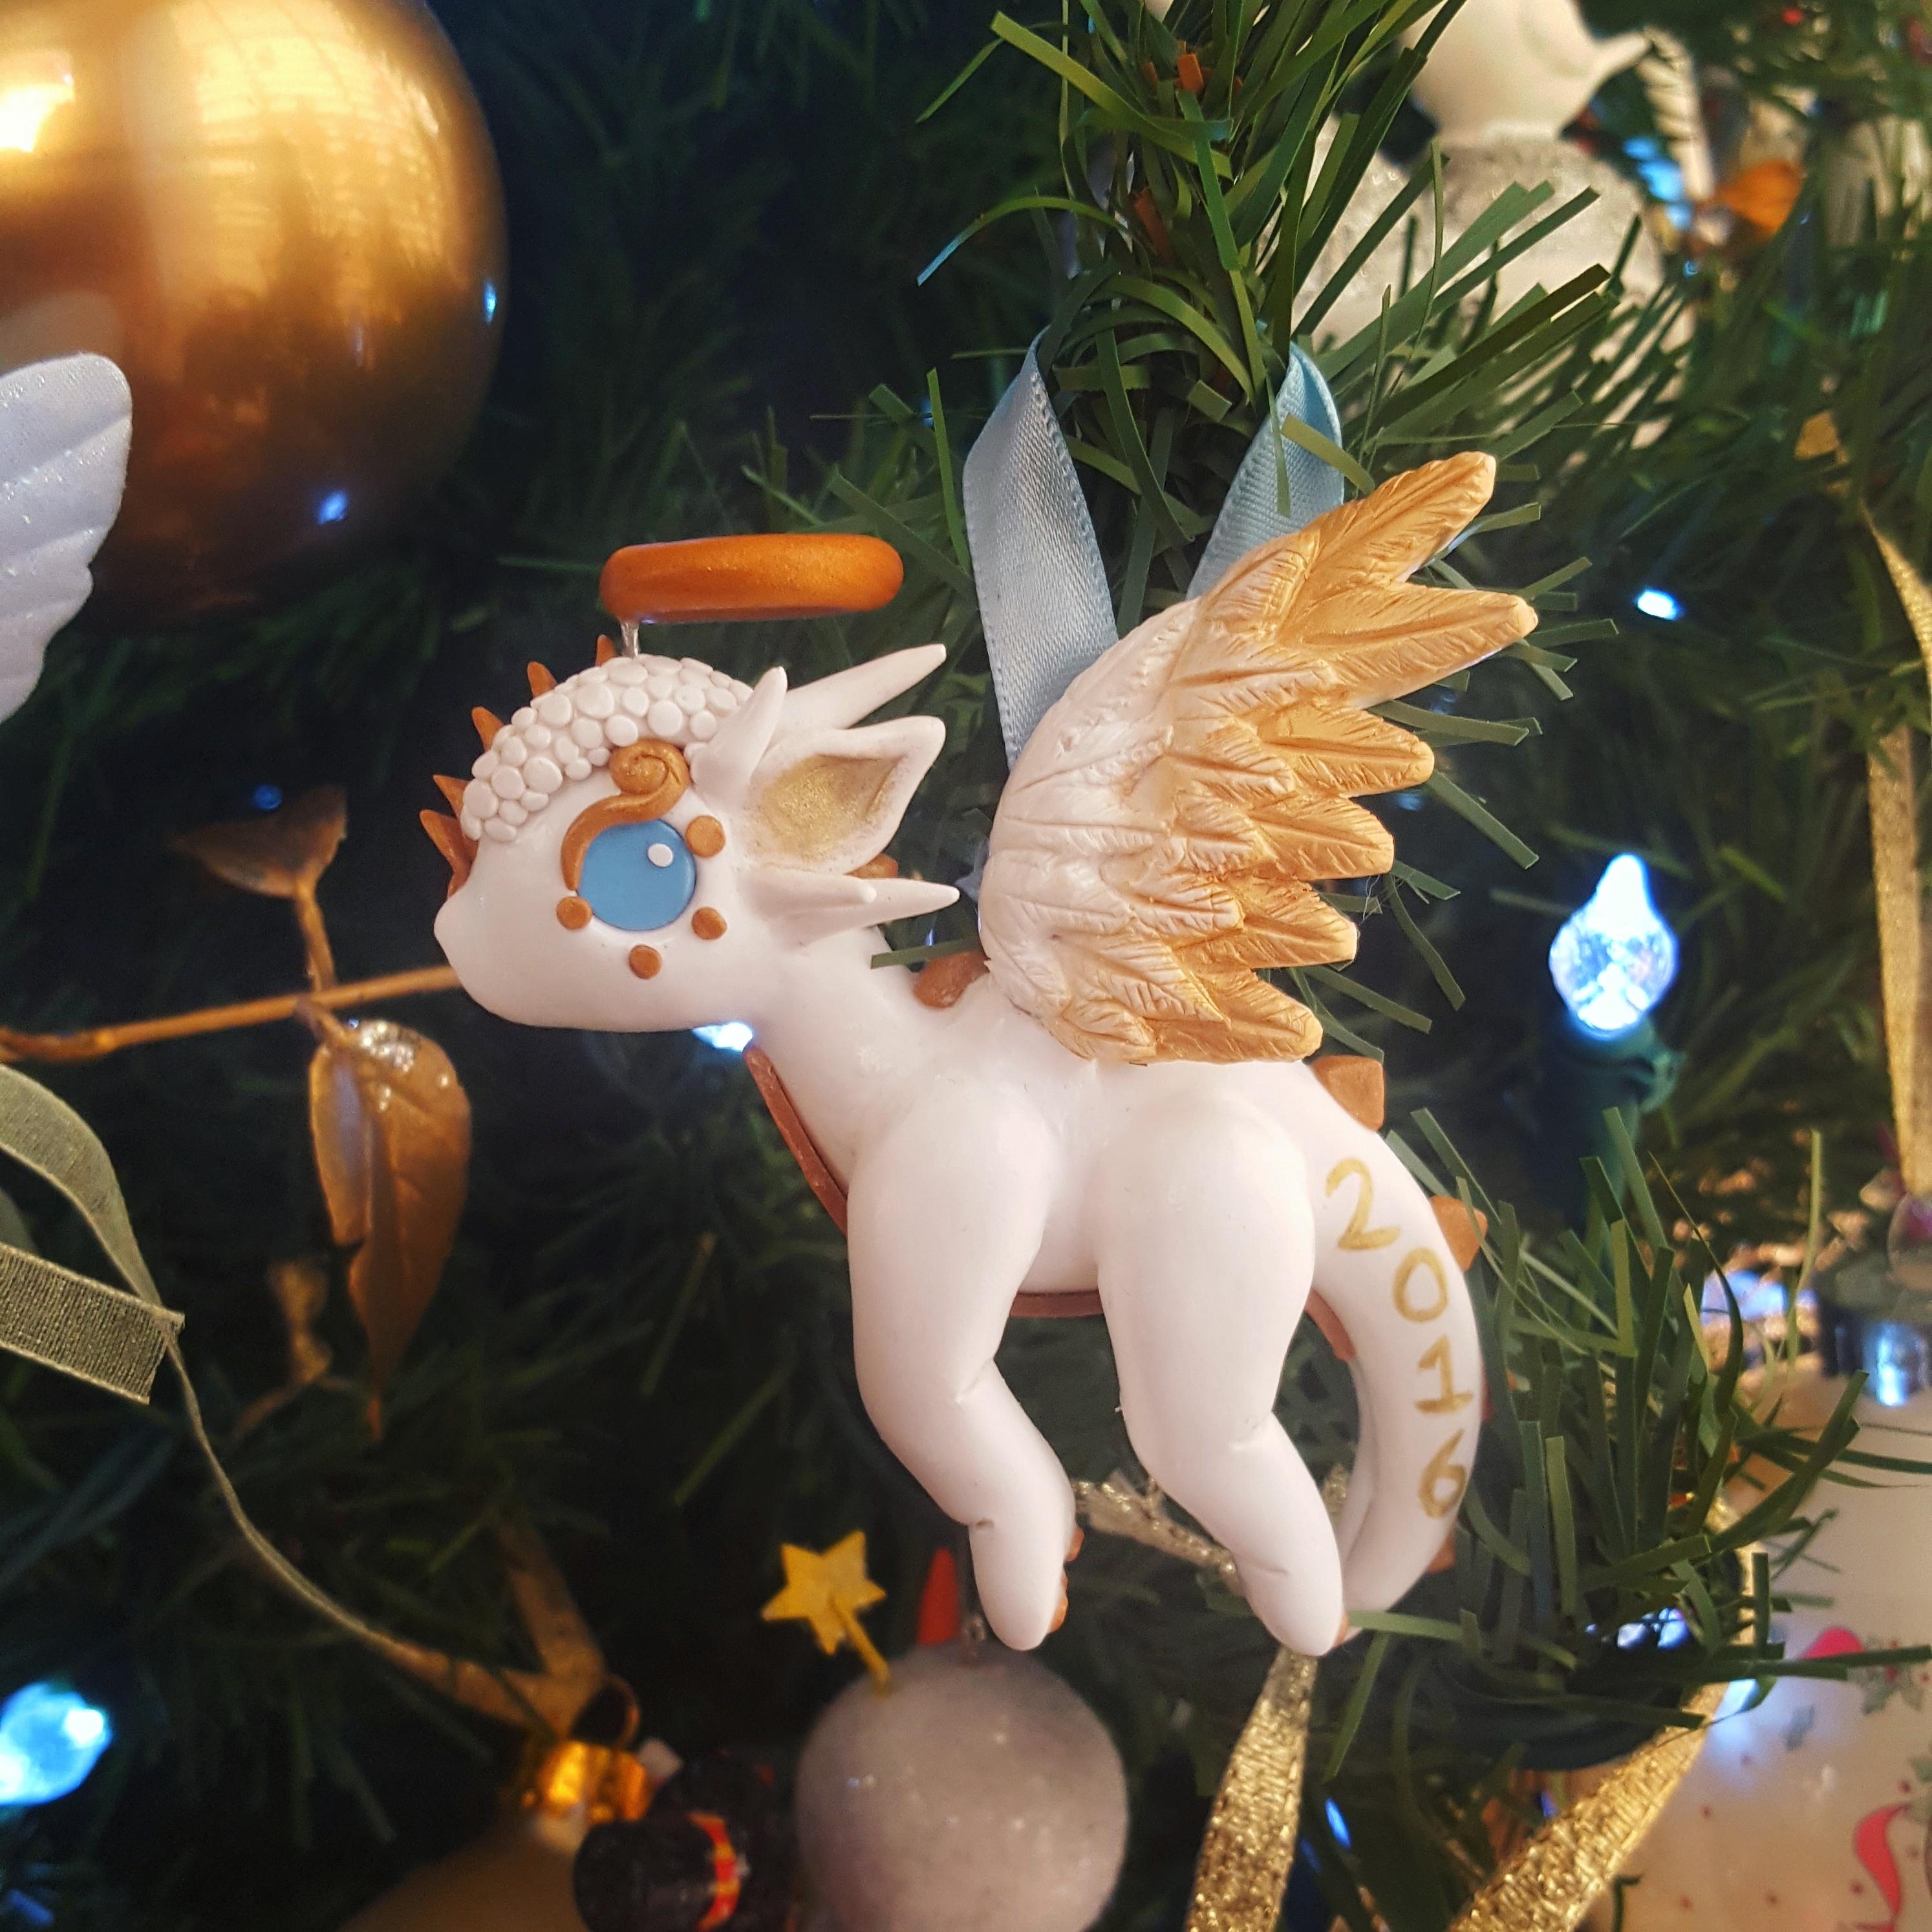 Gingerbread dragon ornaments